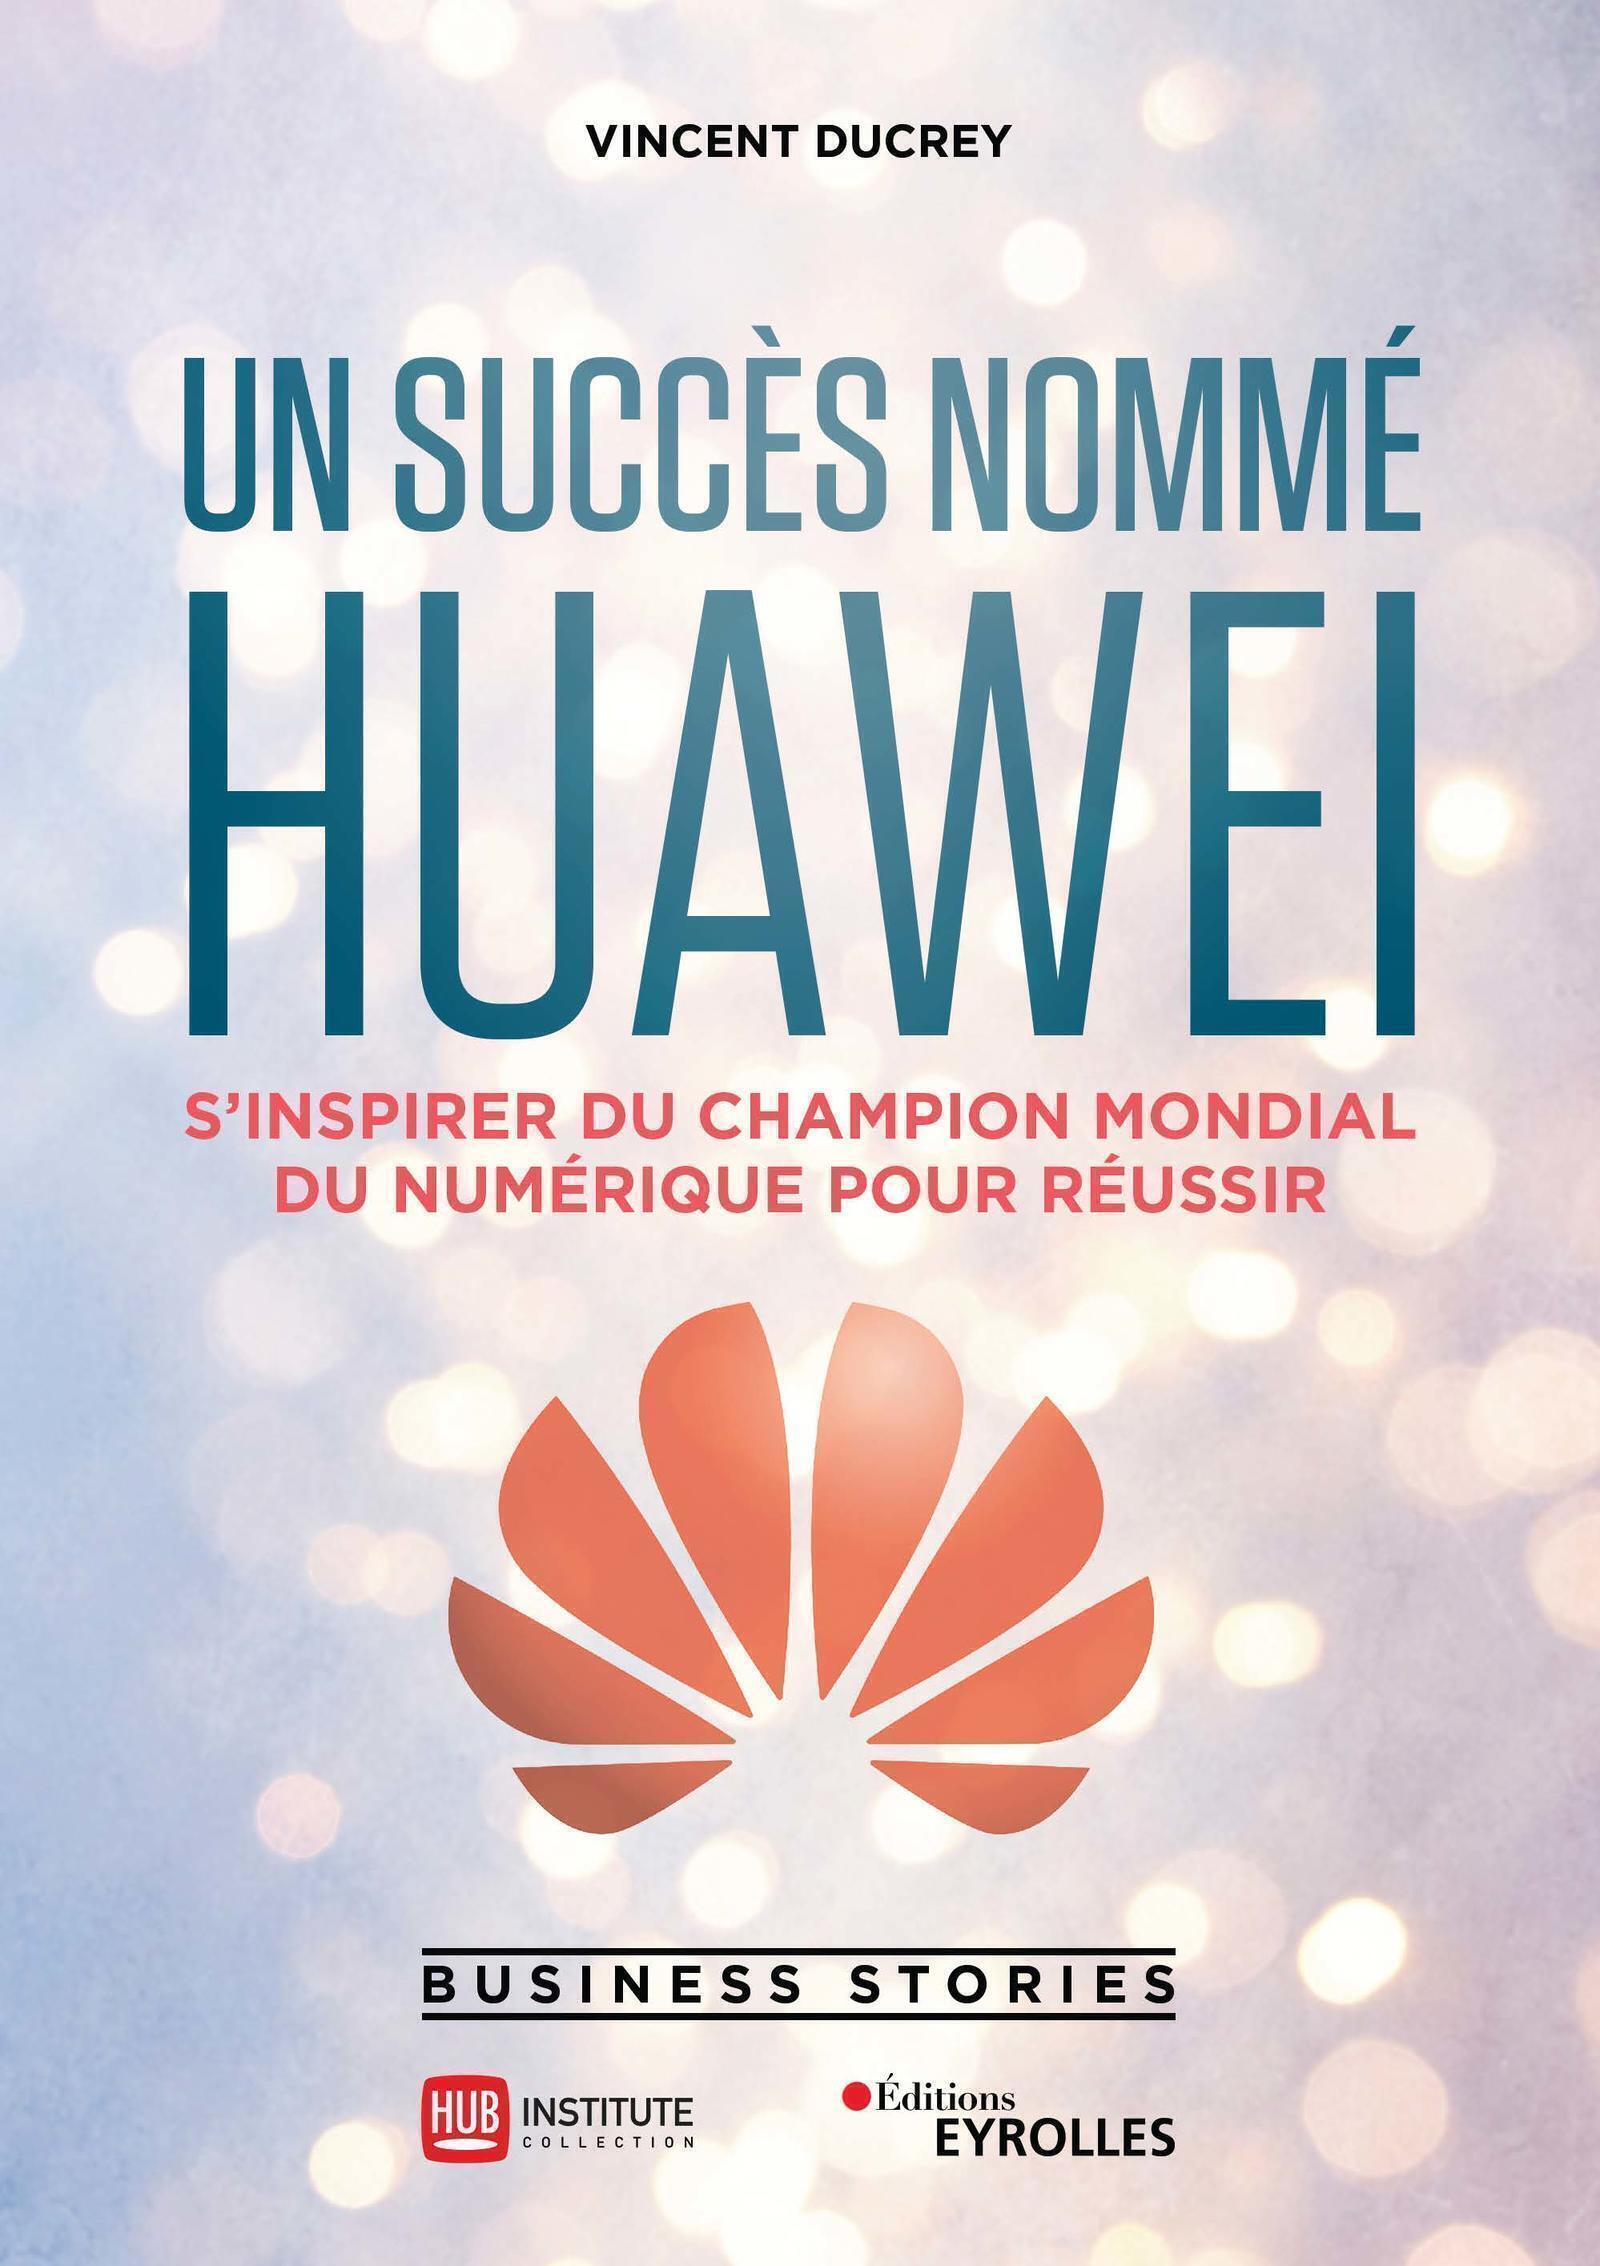 UN SUCCES NOMME HUAWEI - S'INSPIRER DU CHAMPION MONDIAL DU NUMERIQUE POUR REUSSIR